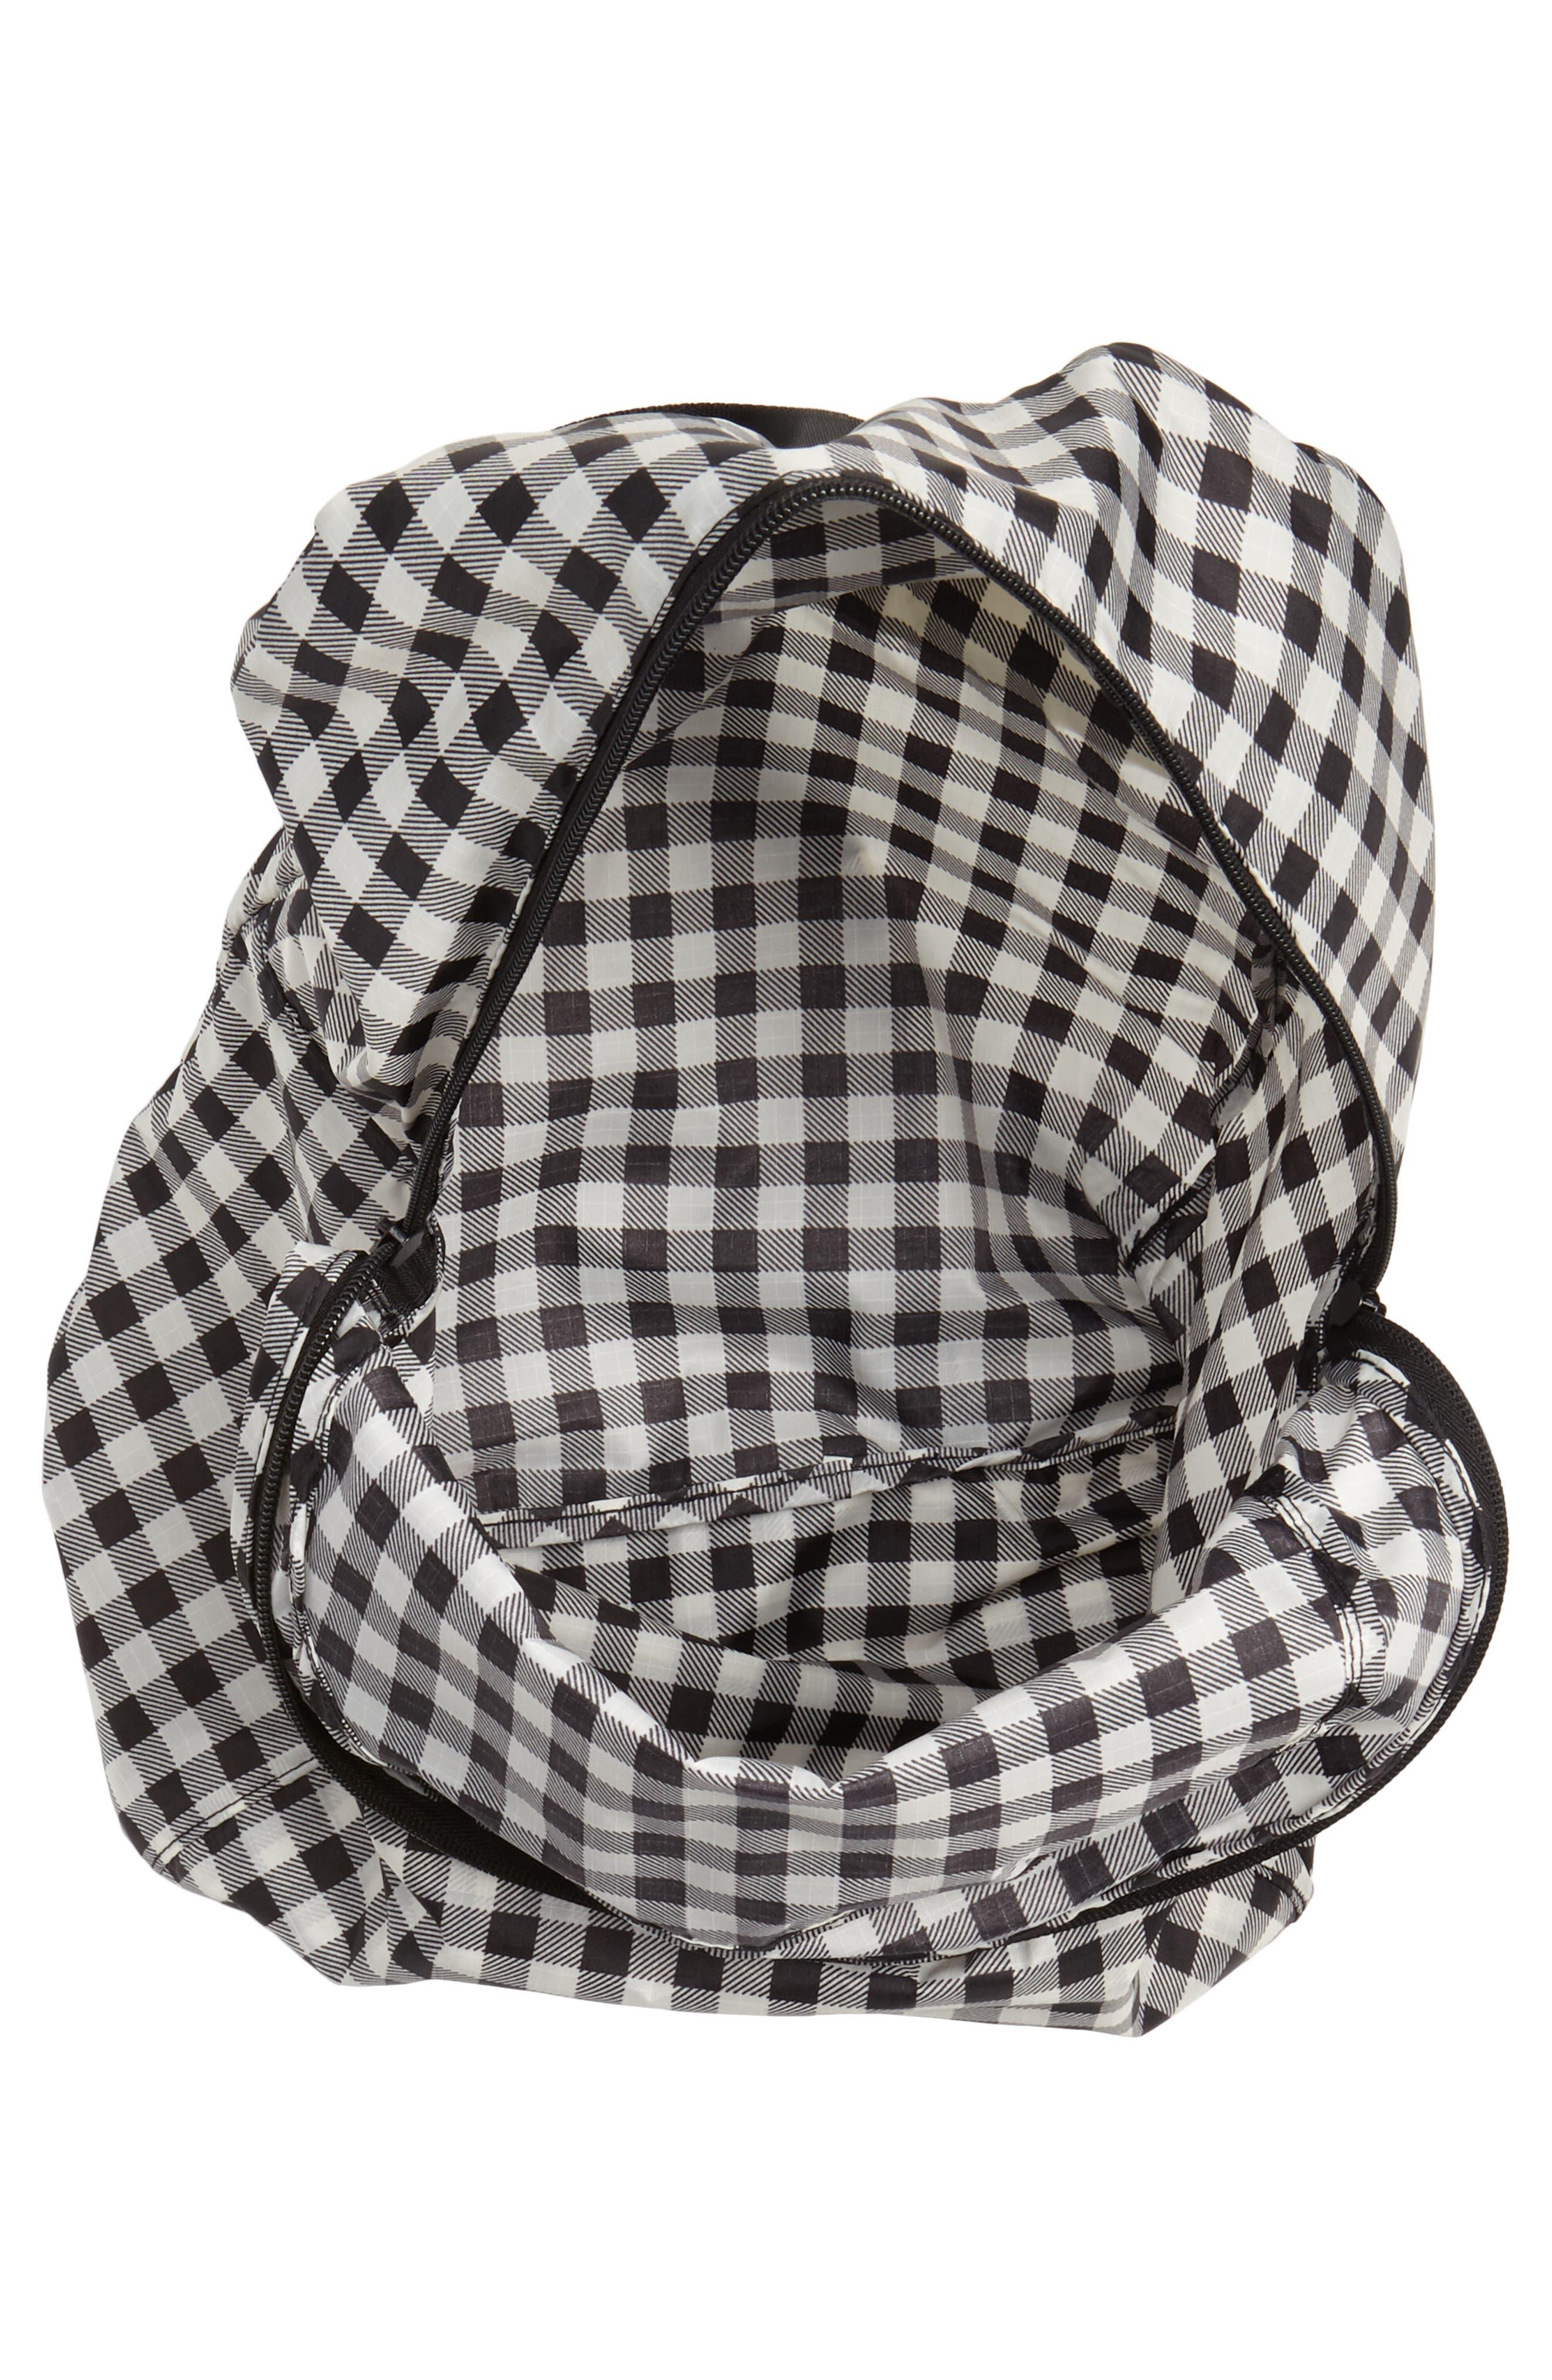 Ripstop Nylon Backpack,                             Alternate thumbnail 4, color,                             Black Gingham